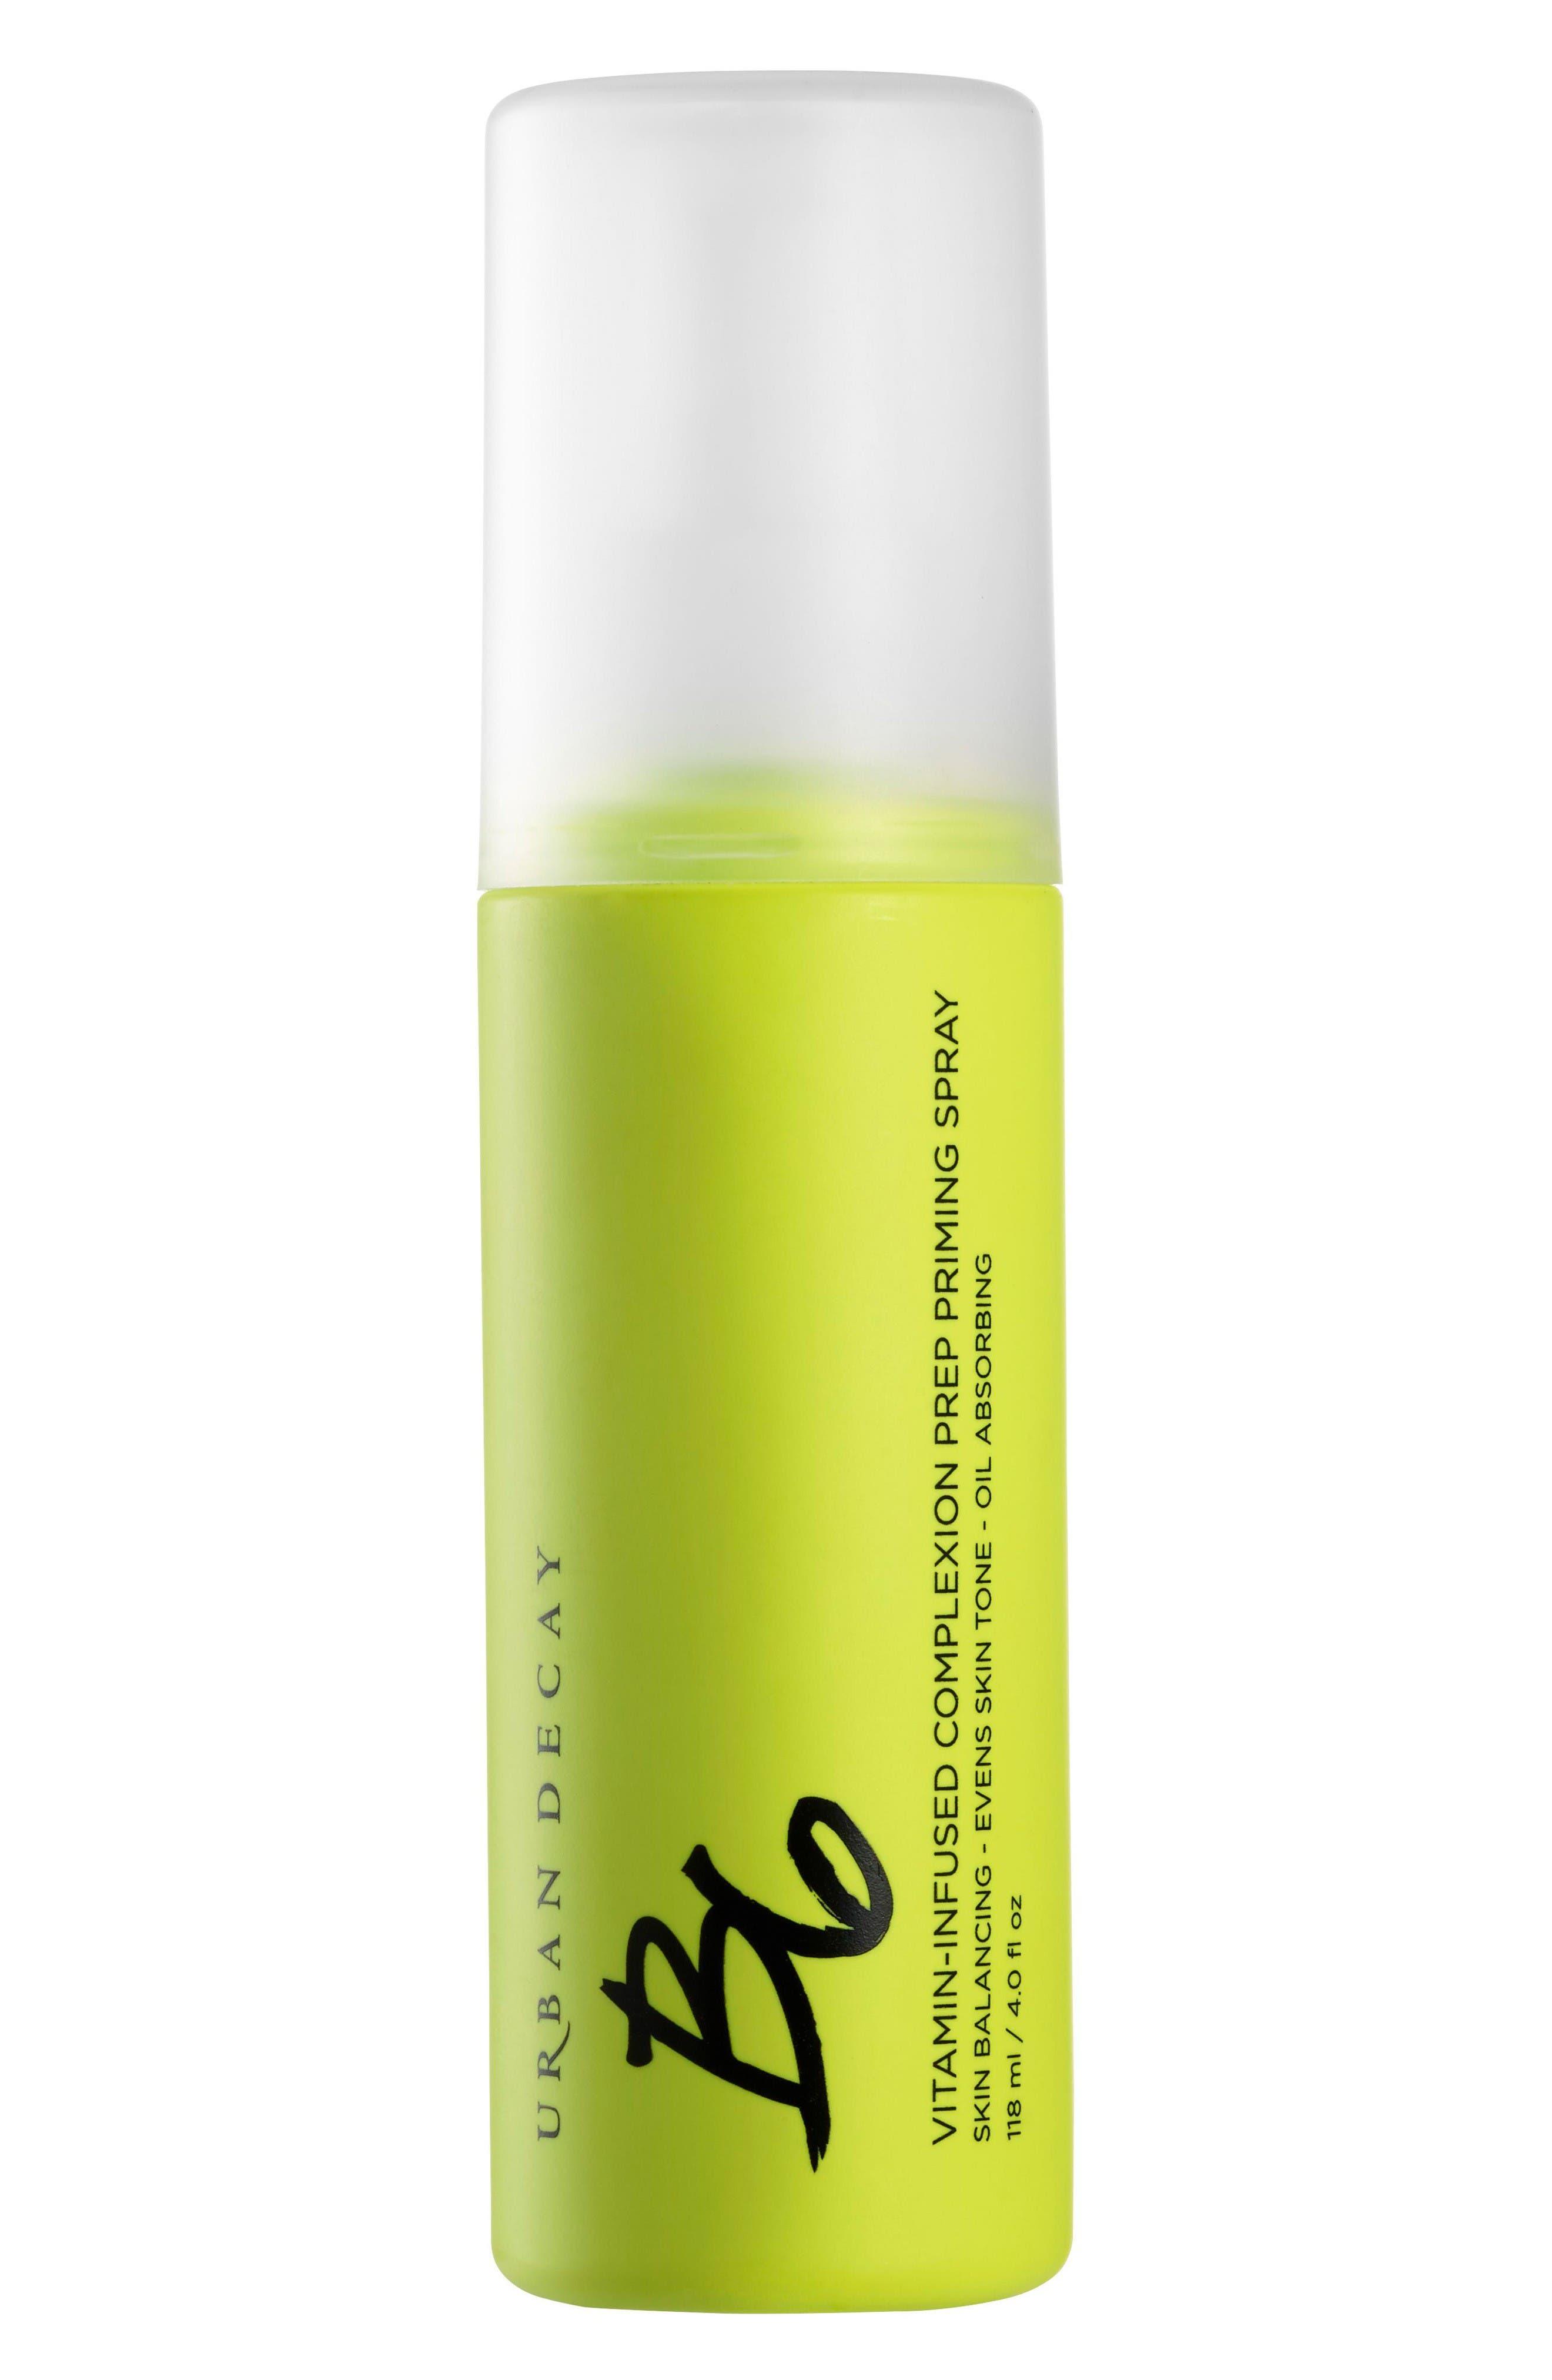 B6 Vitamin-Infused Complexion Prep Priming Spray,                         Main,                         color, No Color